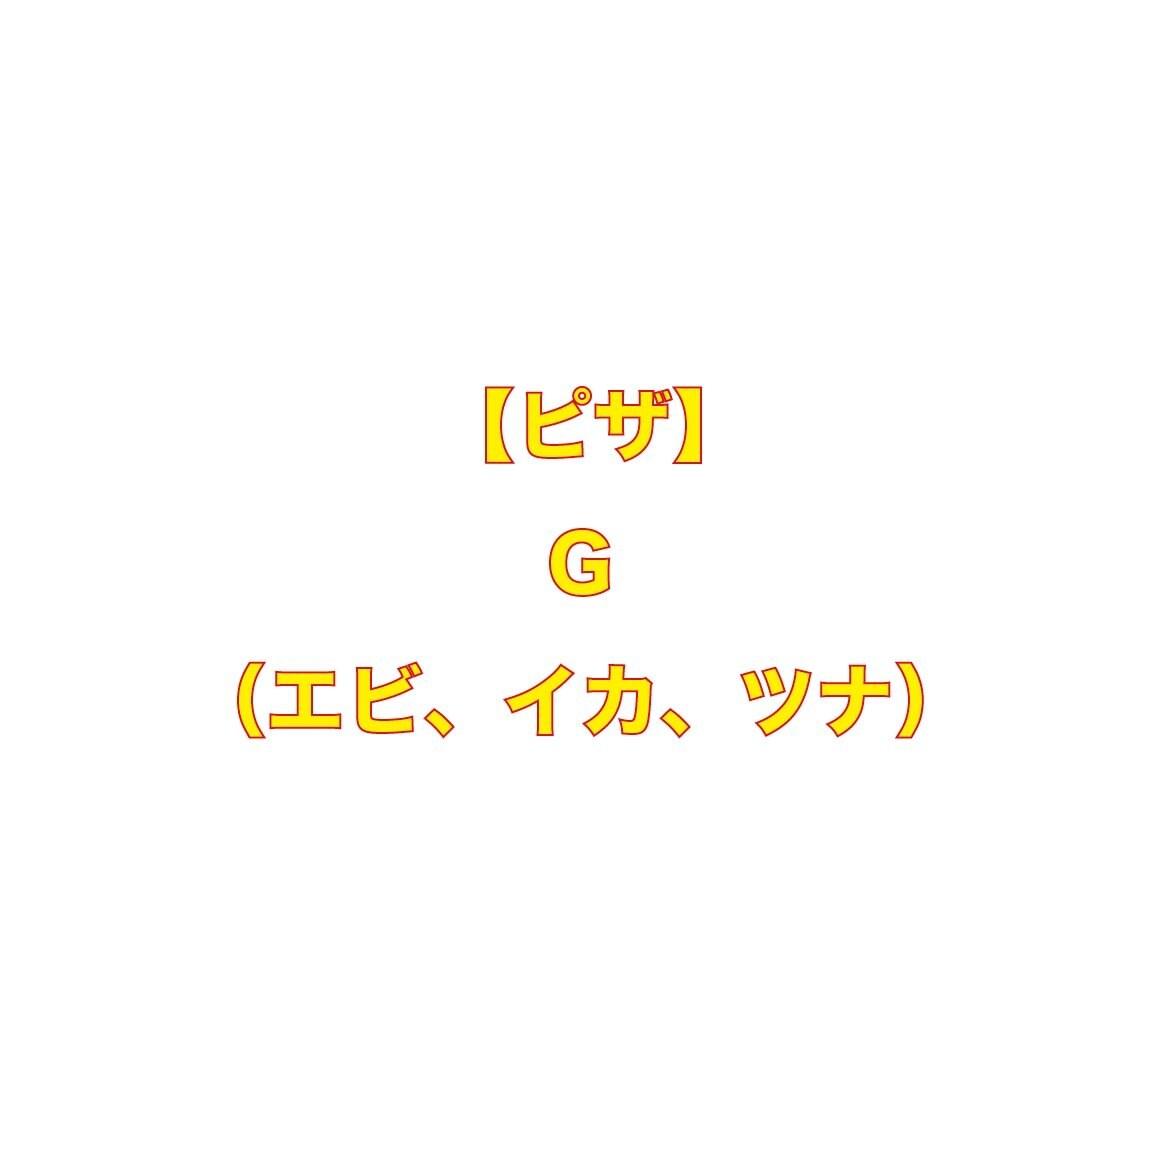 【ピザ】G(エビ、イカ、ツナ)のイメージその1